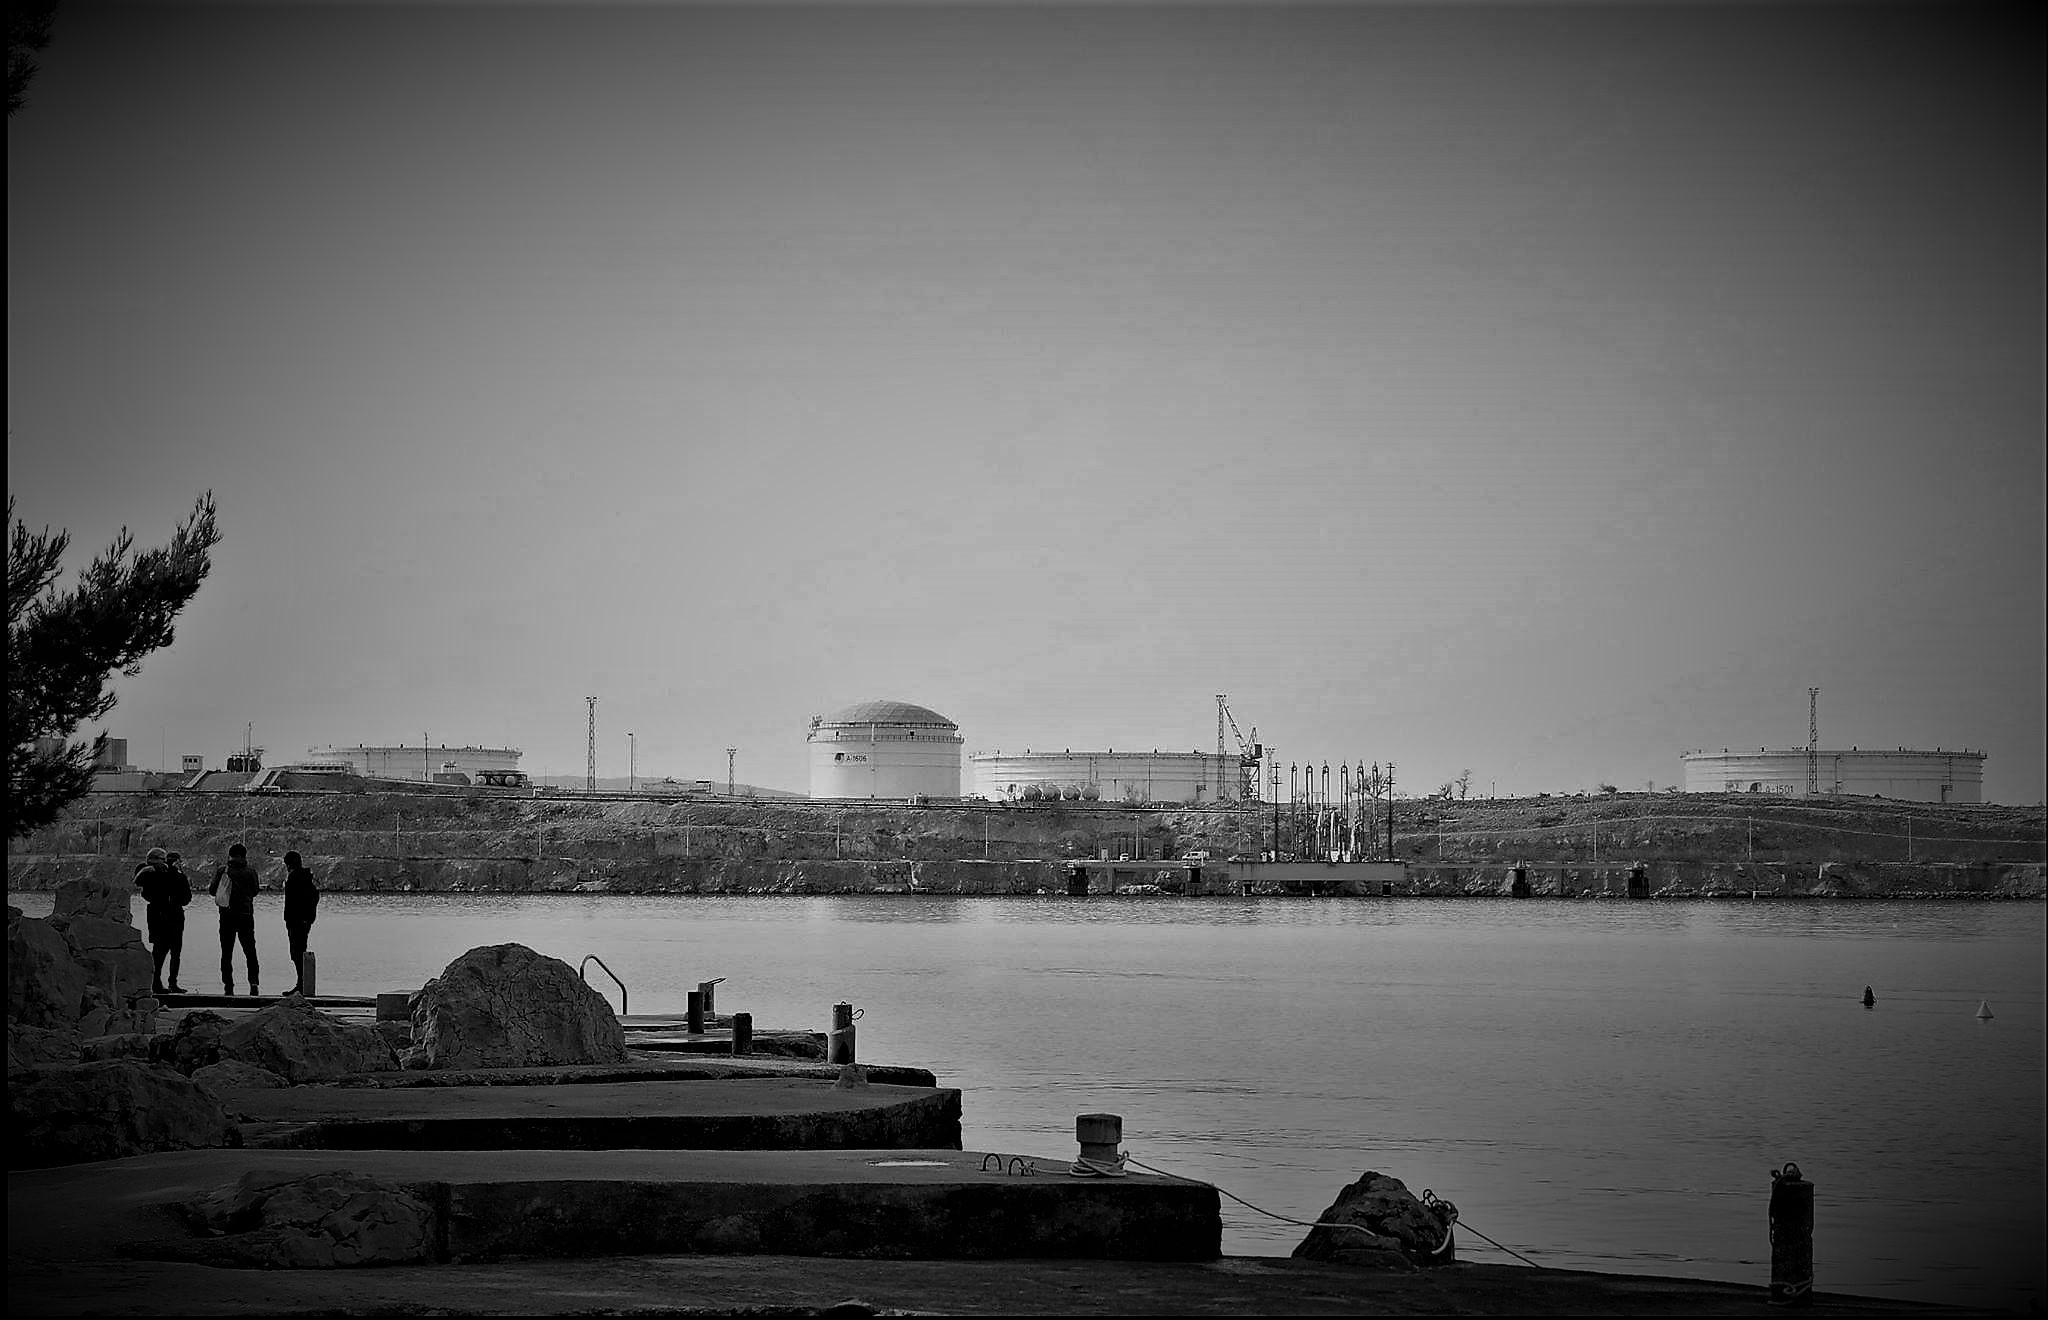 LNG se gradi, zdravom razumu i glasu naroda unatoč: Pametne zemlje, poput Crne Gore, investiraju u solarne elektrane i u budućnost, a ne u LNG i gubitke